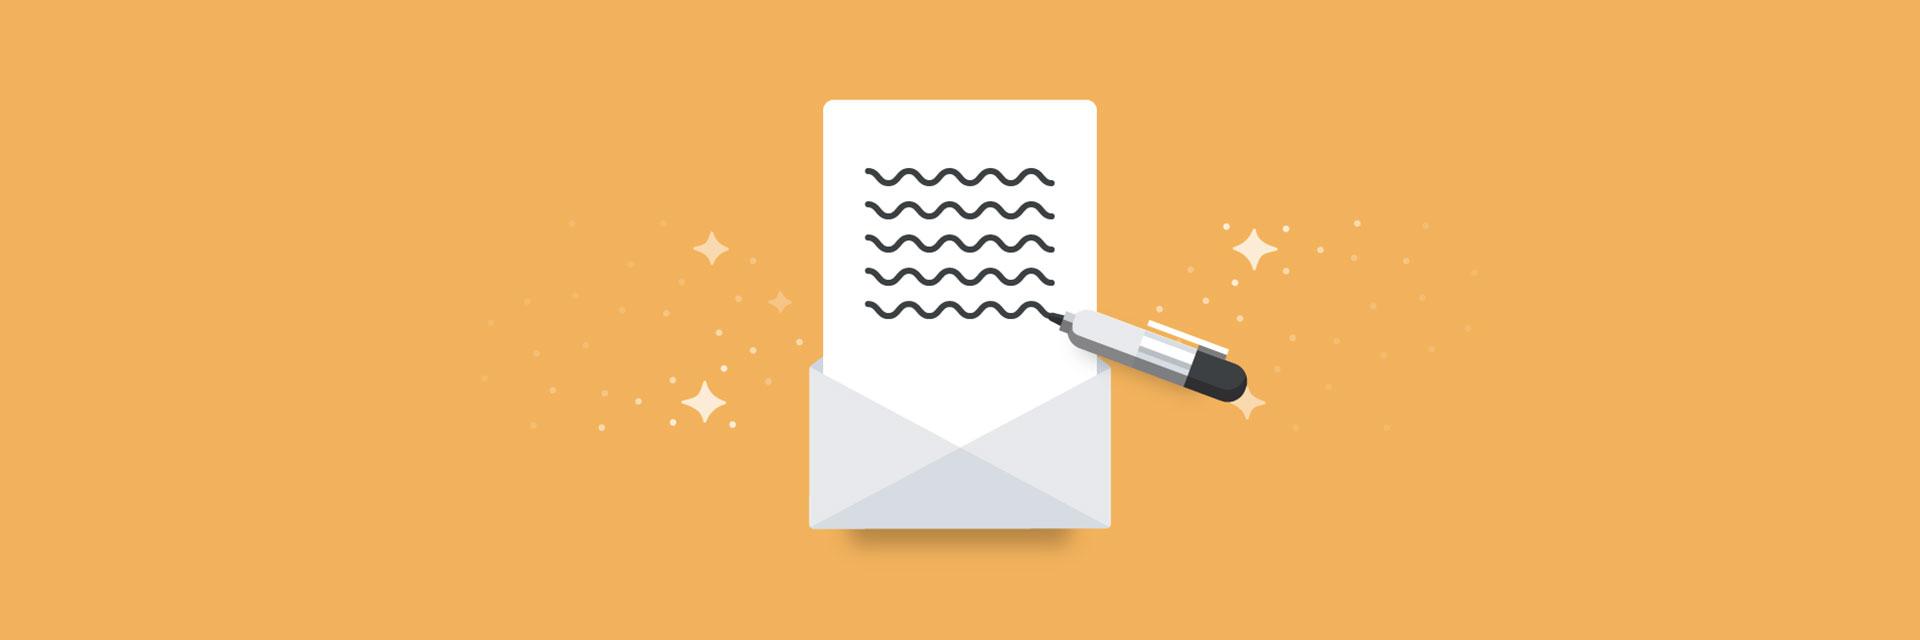 4个技巧避免你的外贸开发信写得就像出自一个机器人